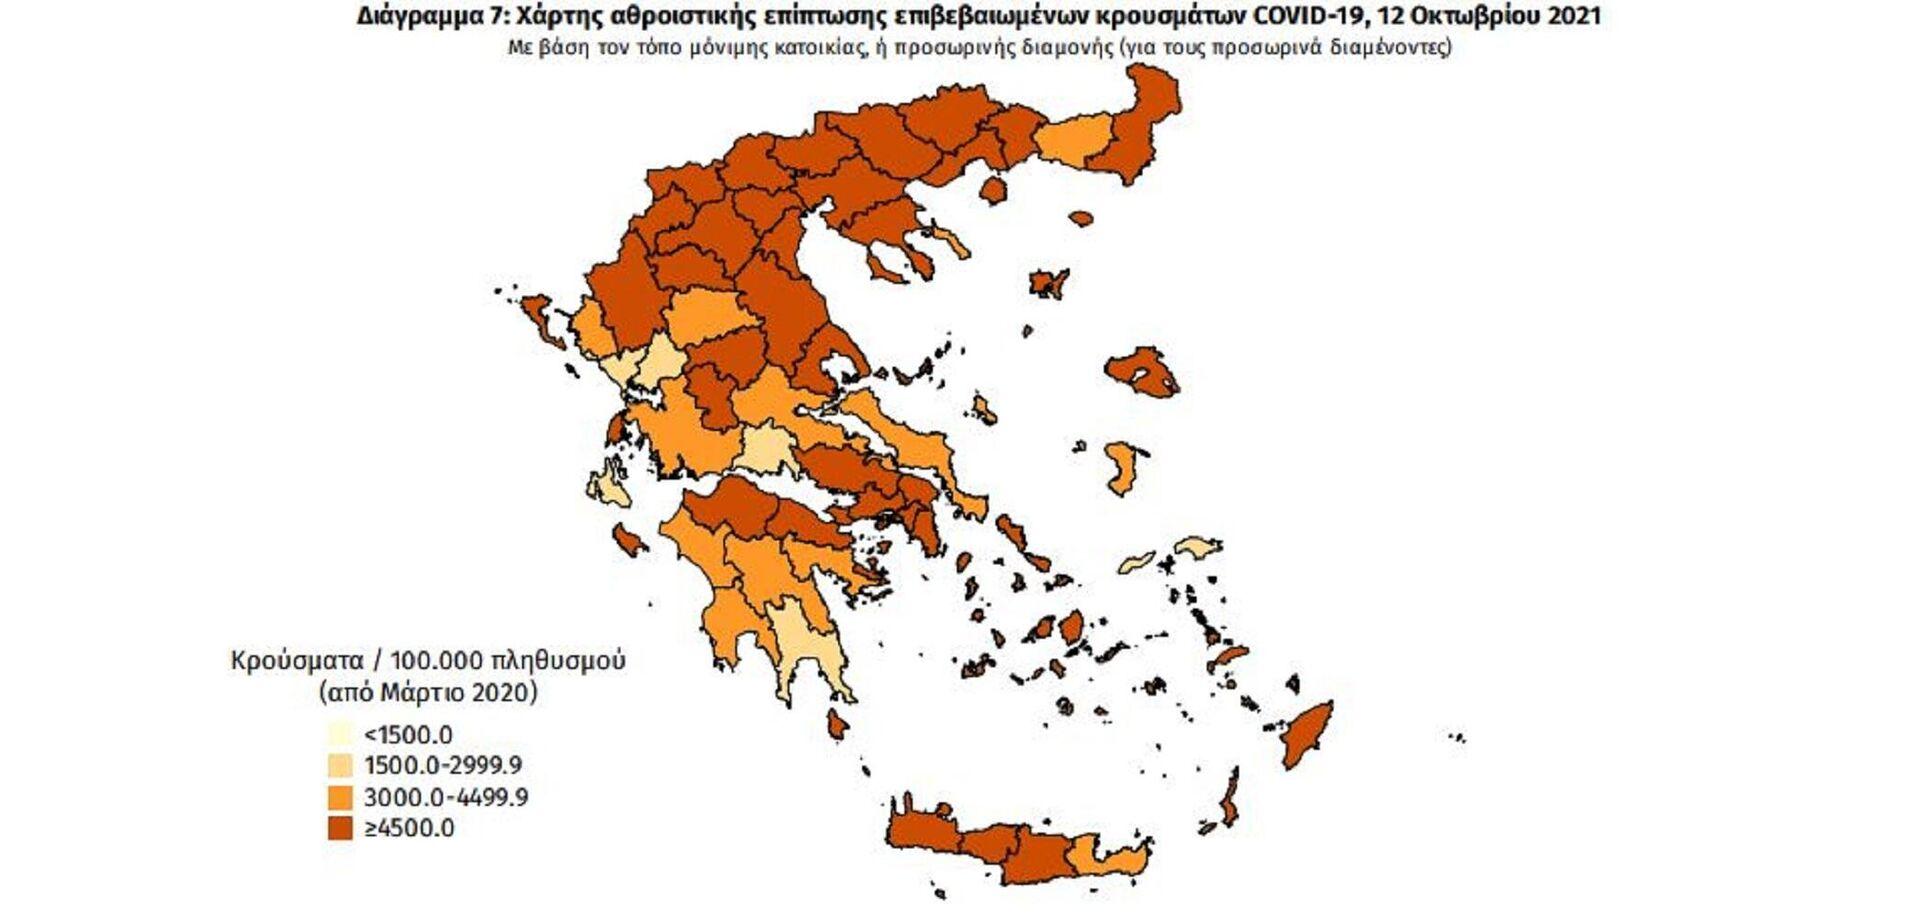 Χάρτης αθροιστικής επίπτωσης επιβεβαιωμένων κρουσμάτων COVID-19, 12 Οκτωβρίου 2021 - Sputnik Ελλάδα, 1920, 12.10.2021